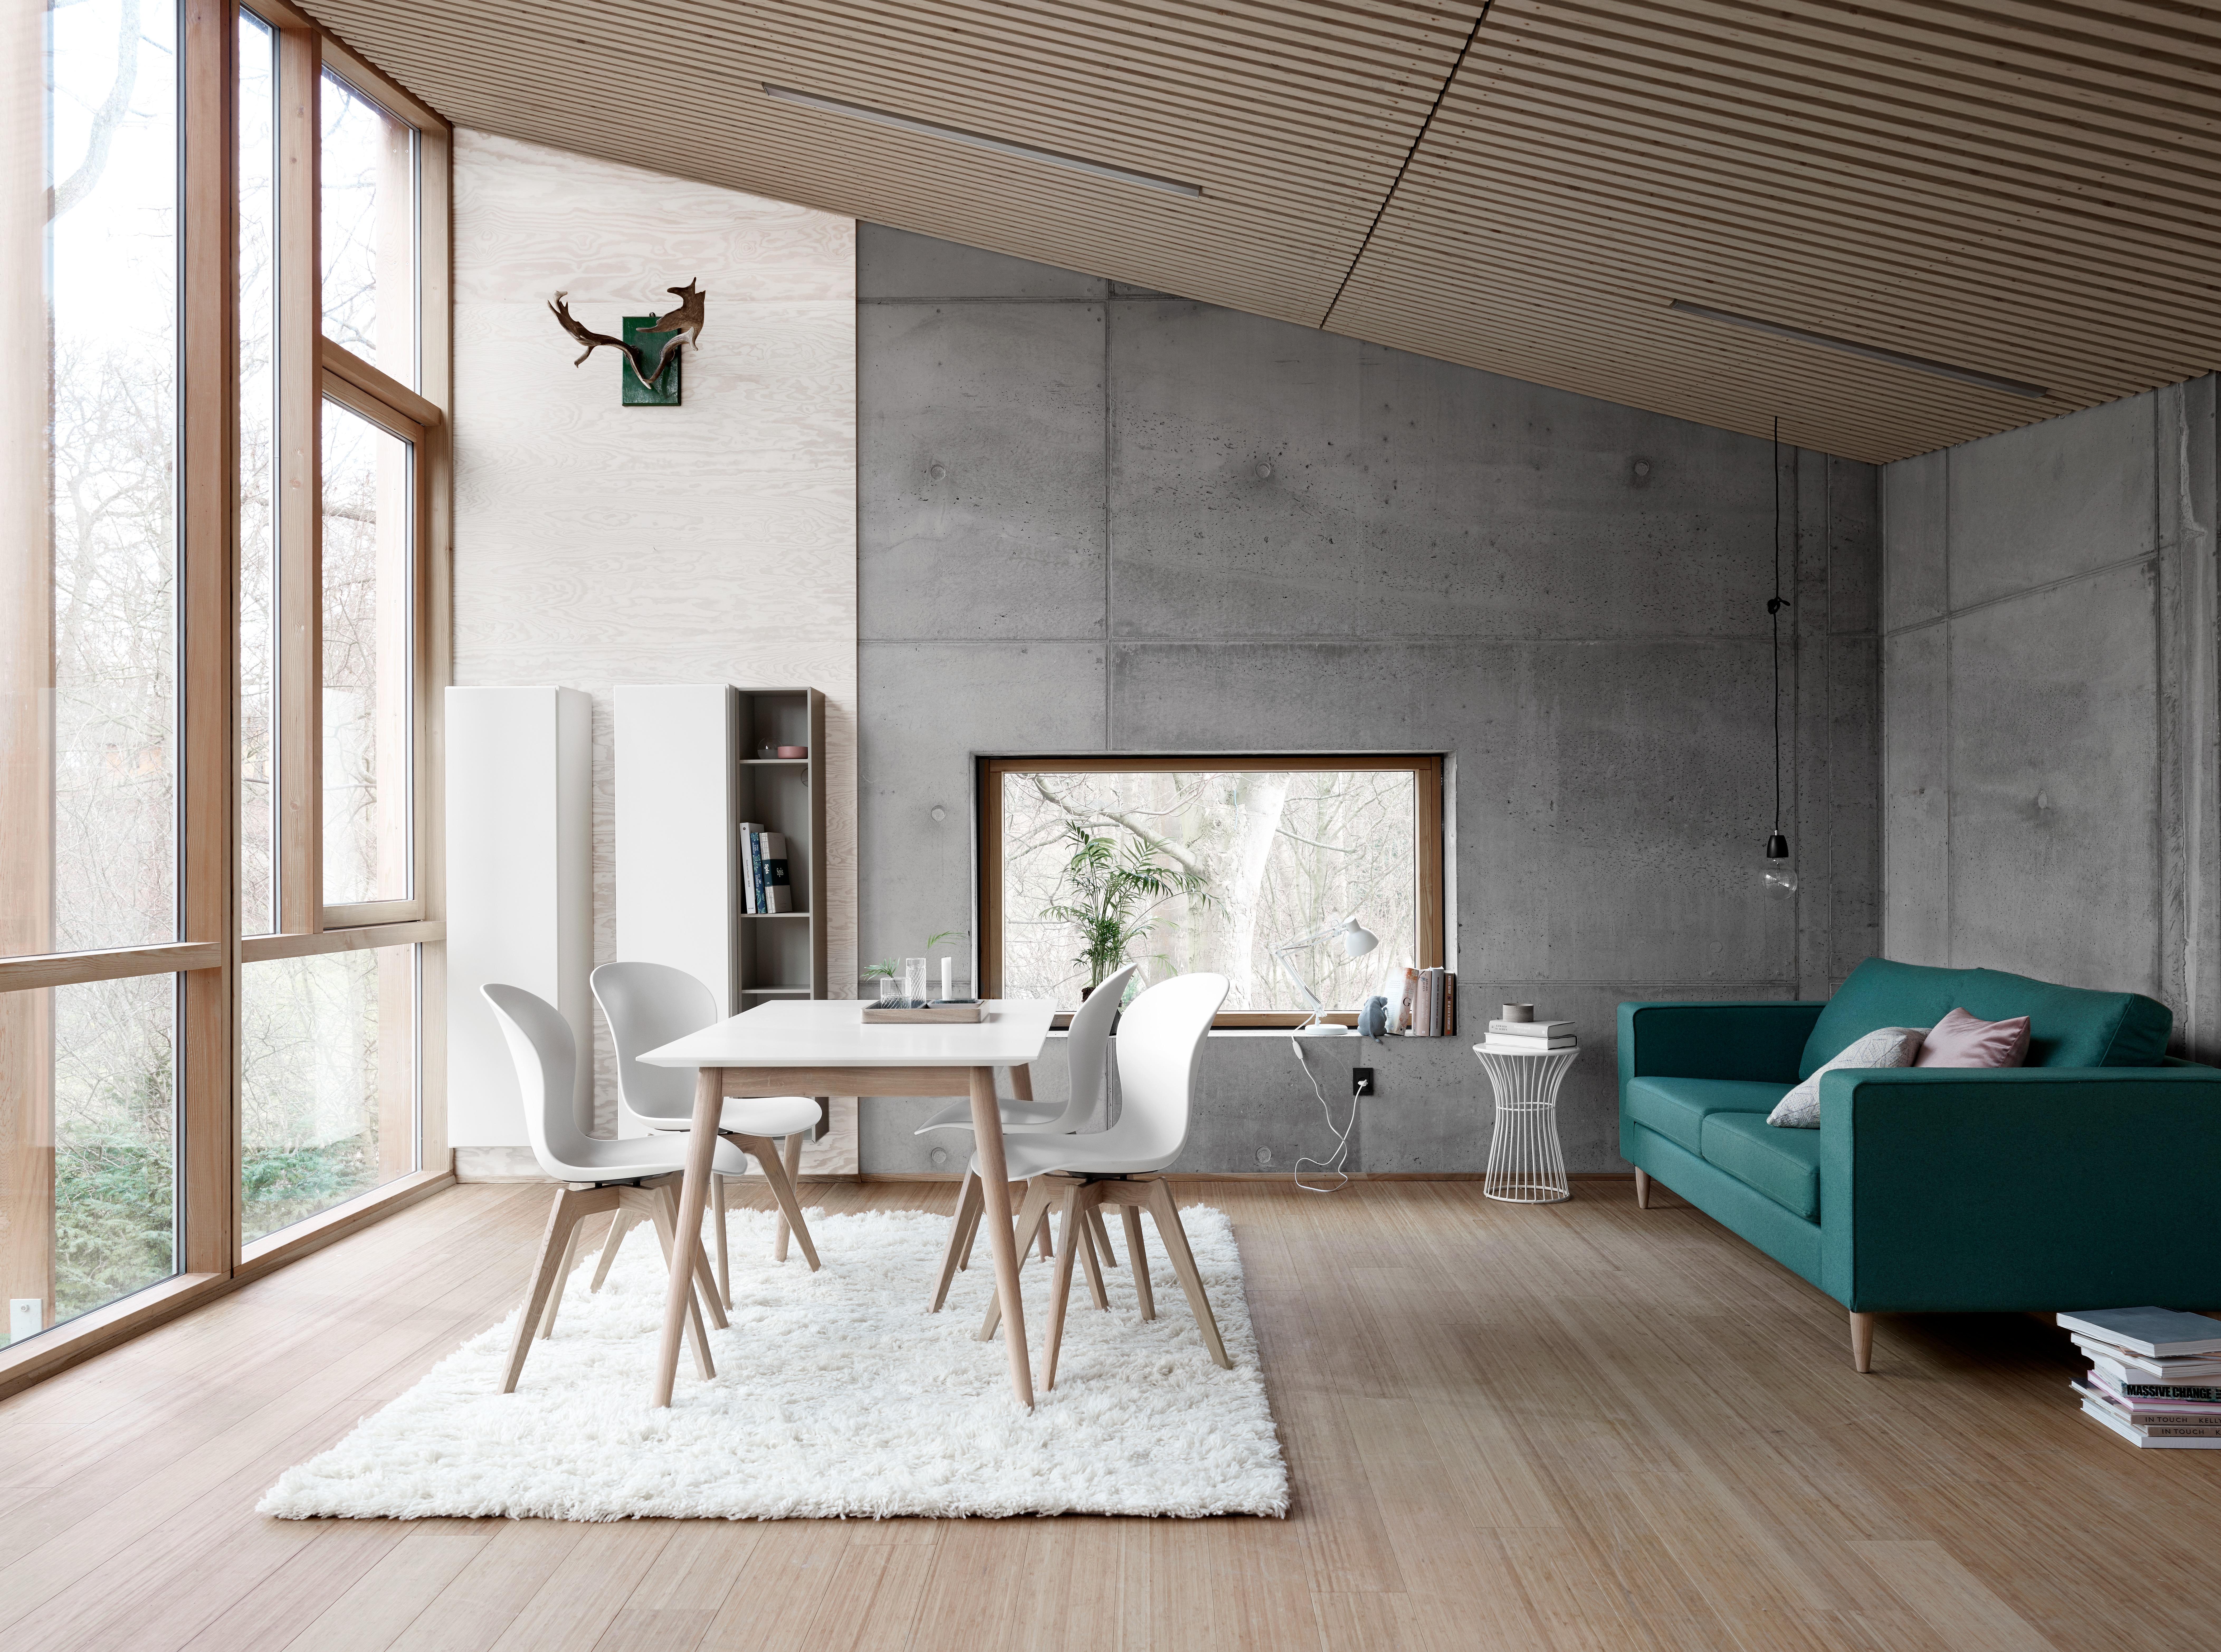 boconcept-mobilier-nordic